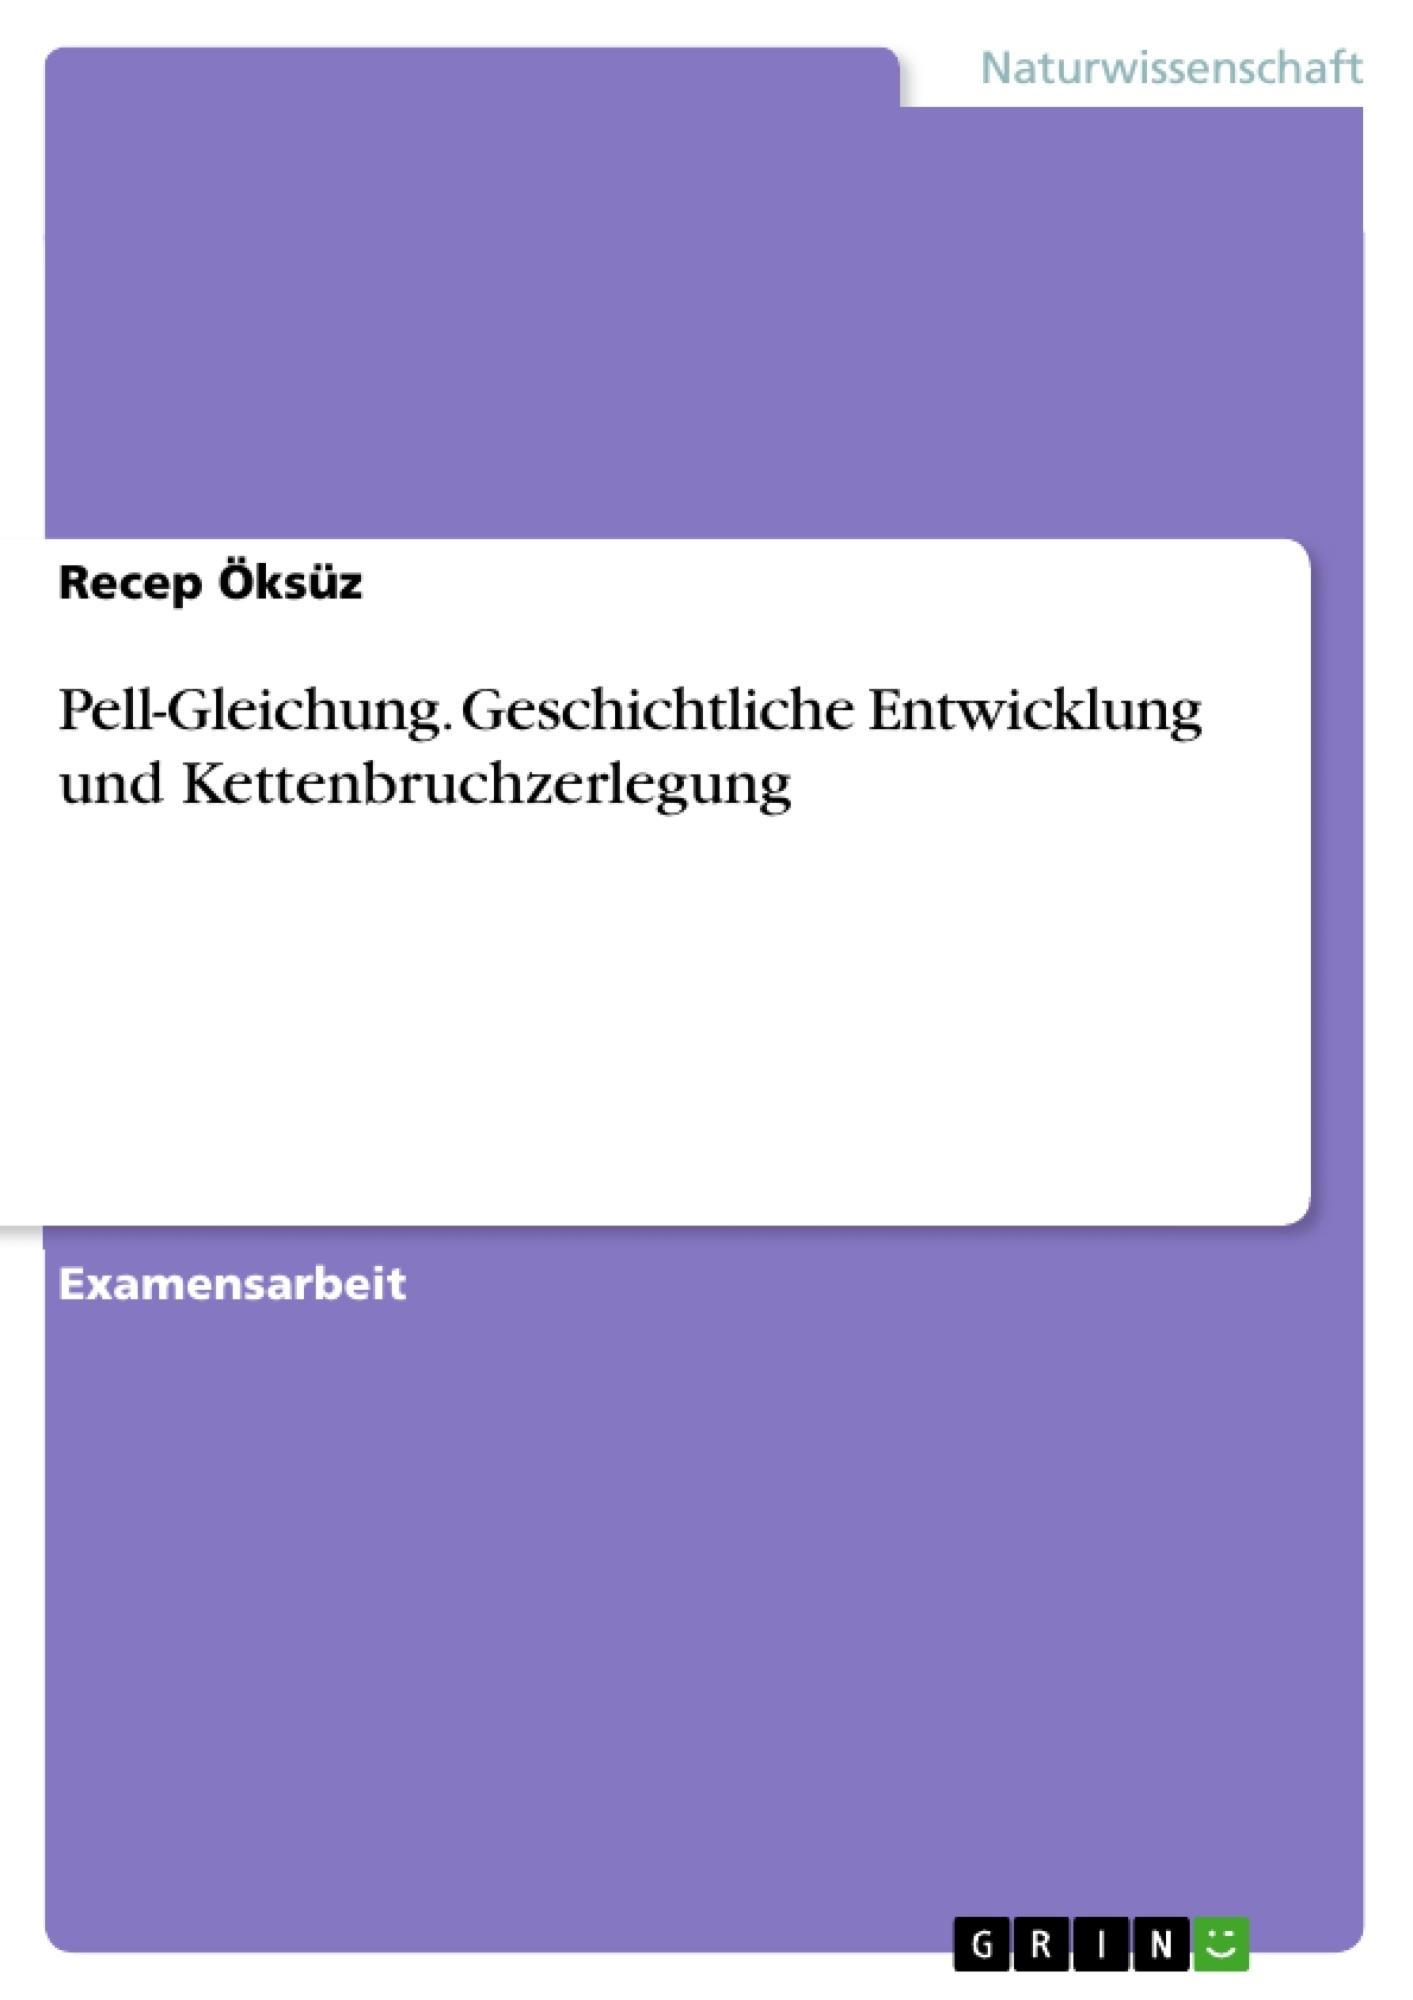 Titel: Pell-Gleichung. Geschichtliche Entwicklung und Kettenbruchzerlegung